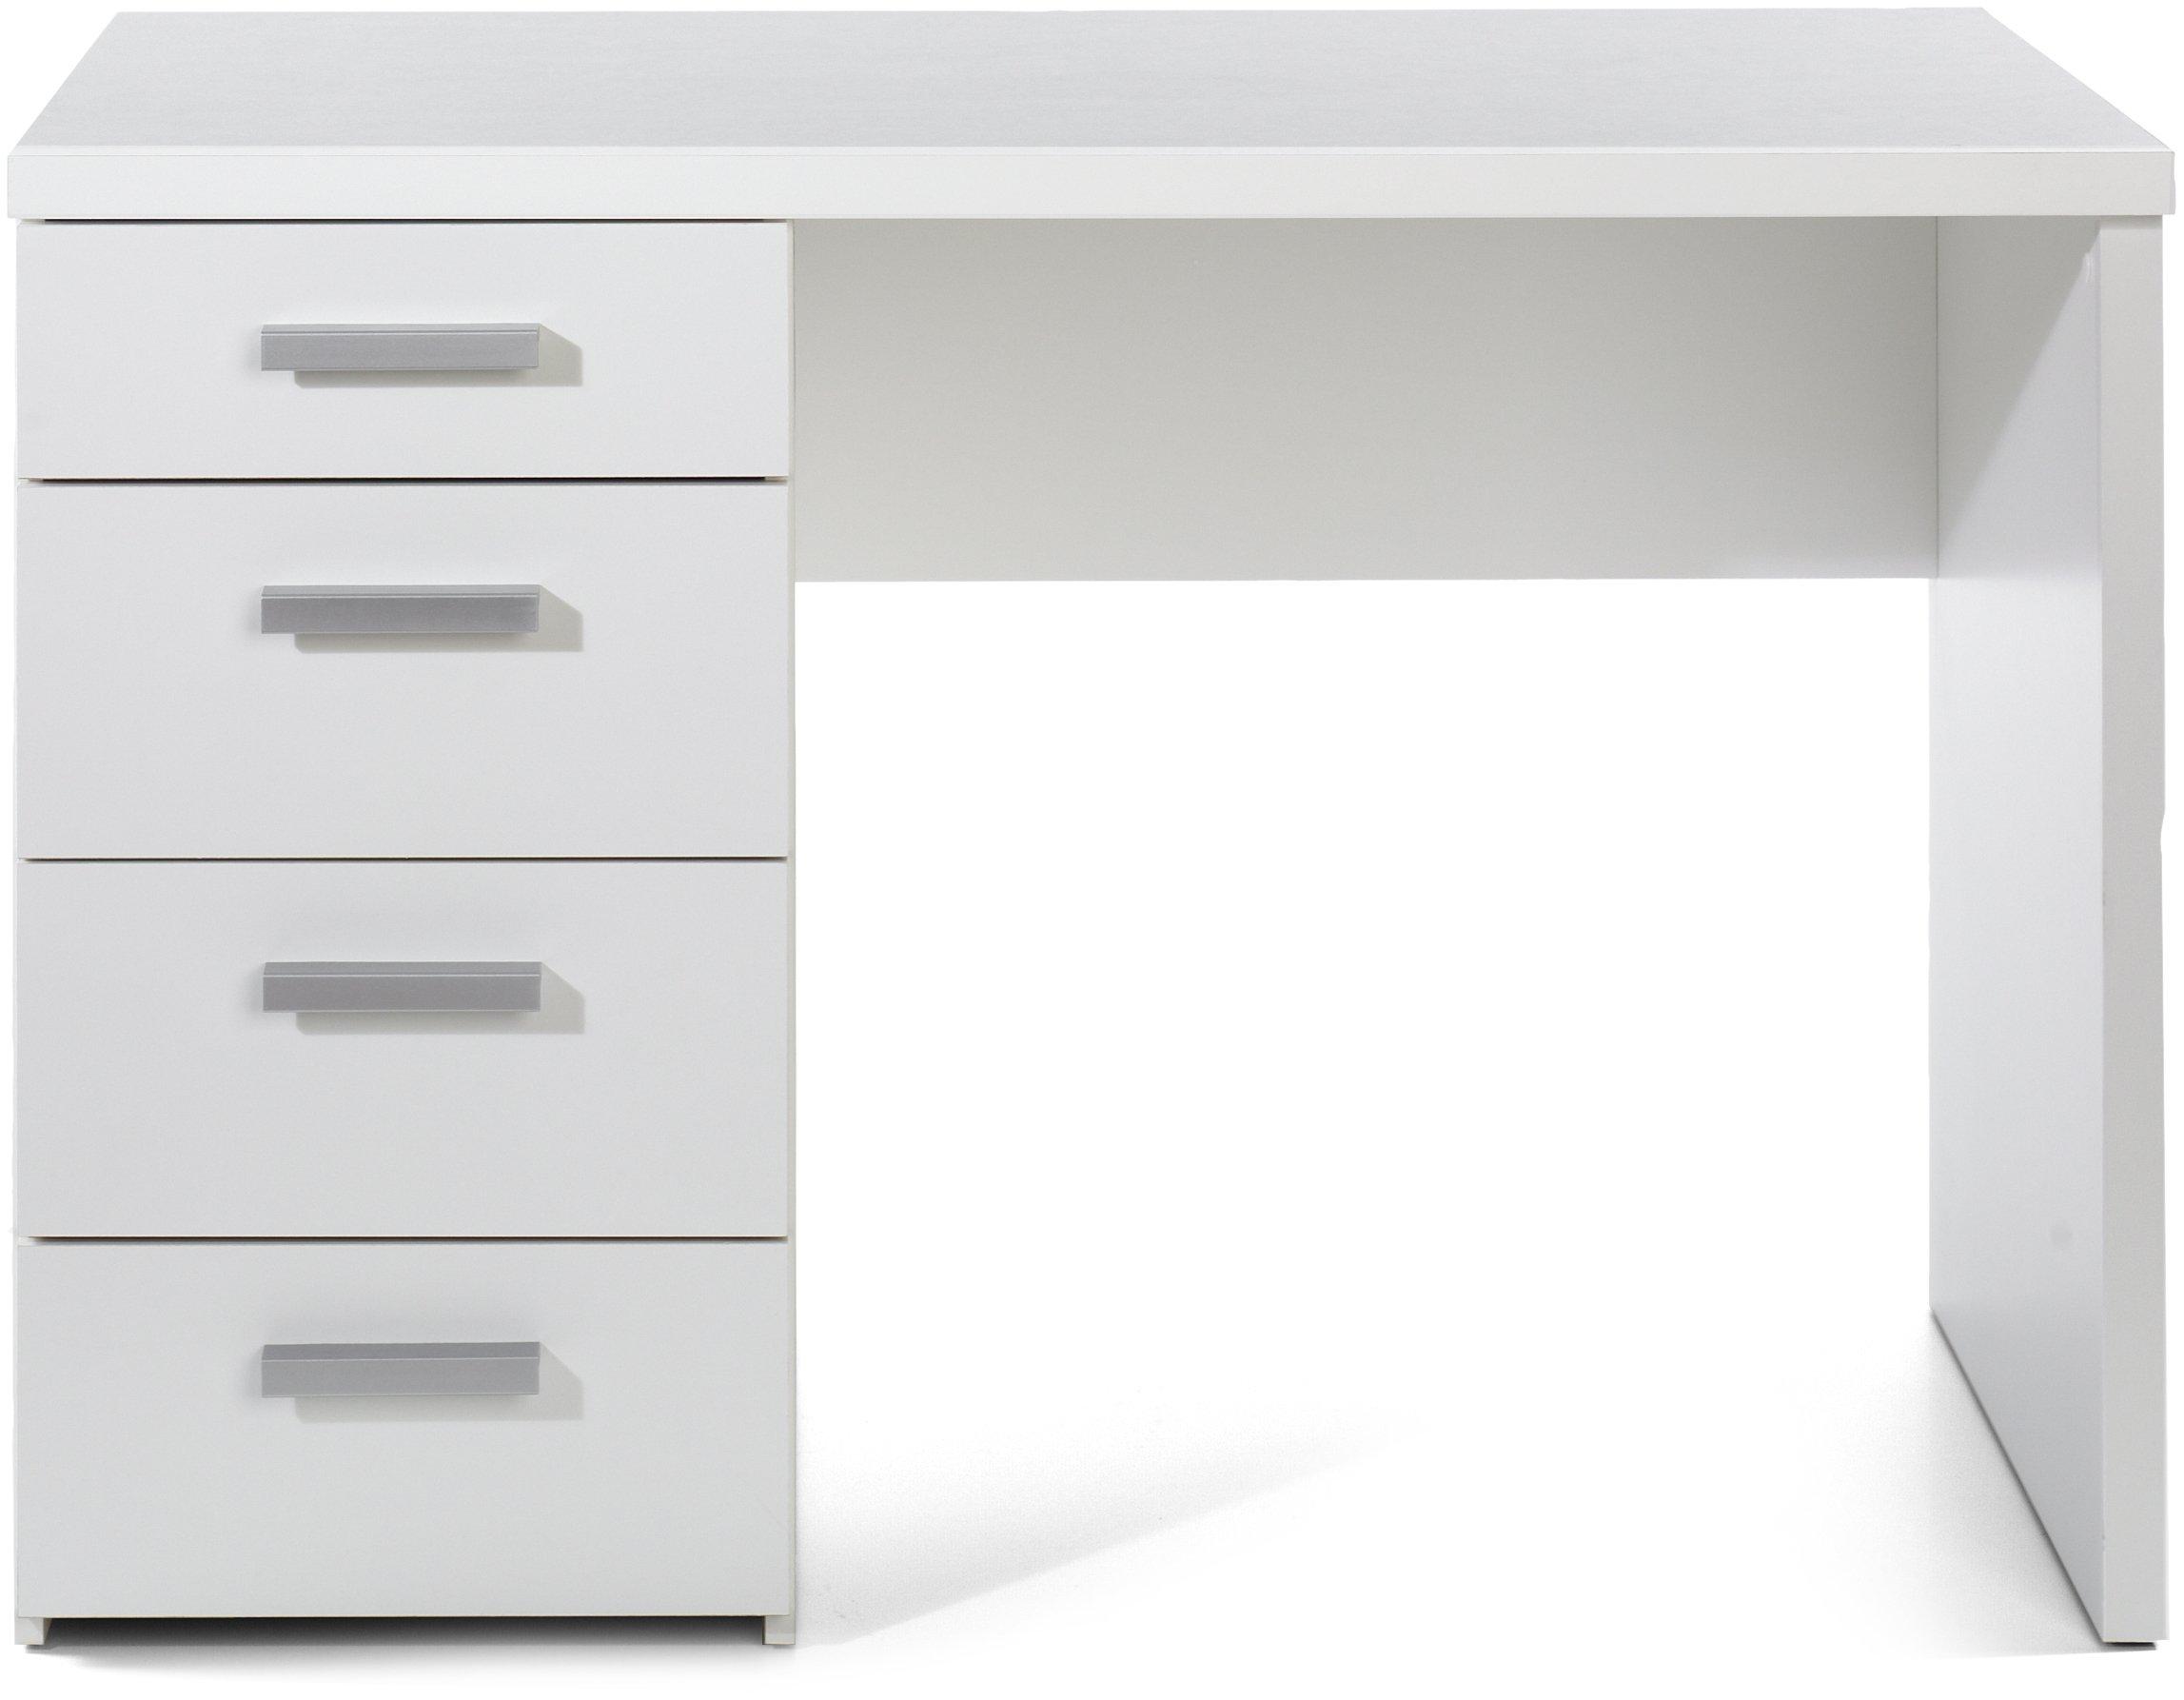 TVILUM 8012049 Whitman Desk, White - White Whitman Home Office Scratch resistant, easy to assemble - writing-desks, living-room-furniture, living-room - 71Ia9T0 vEL -